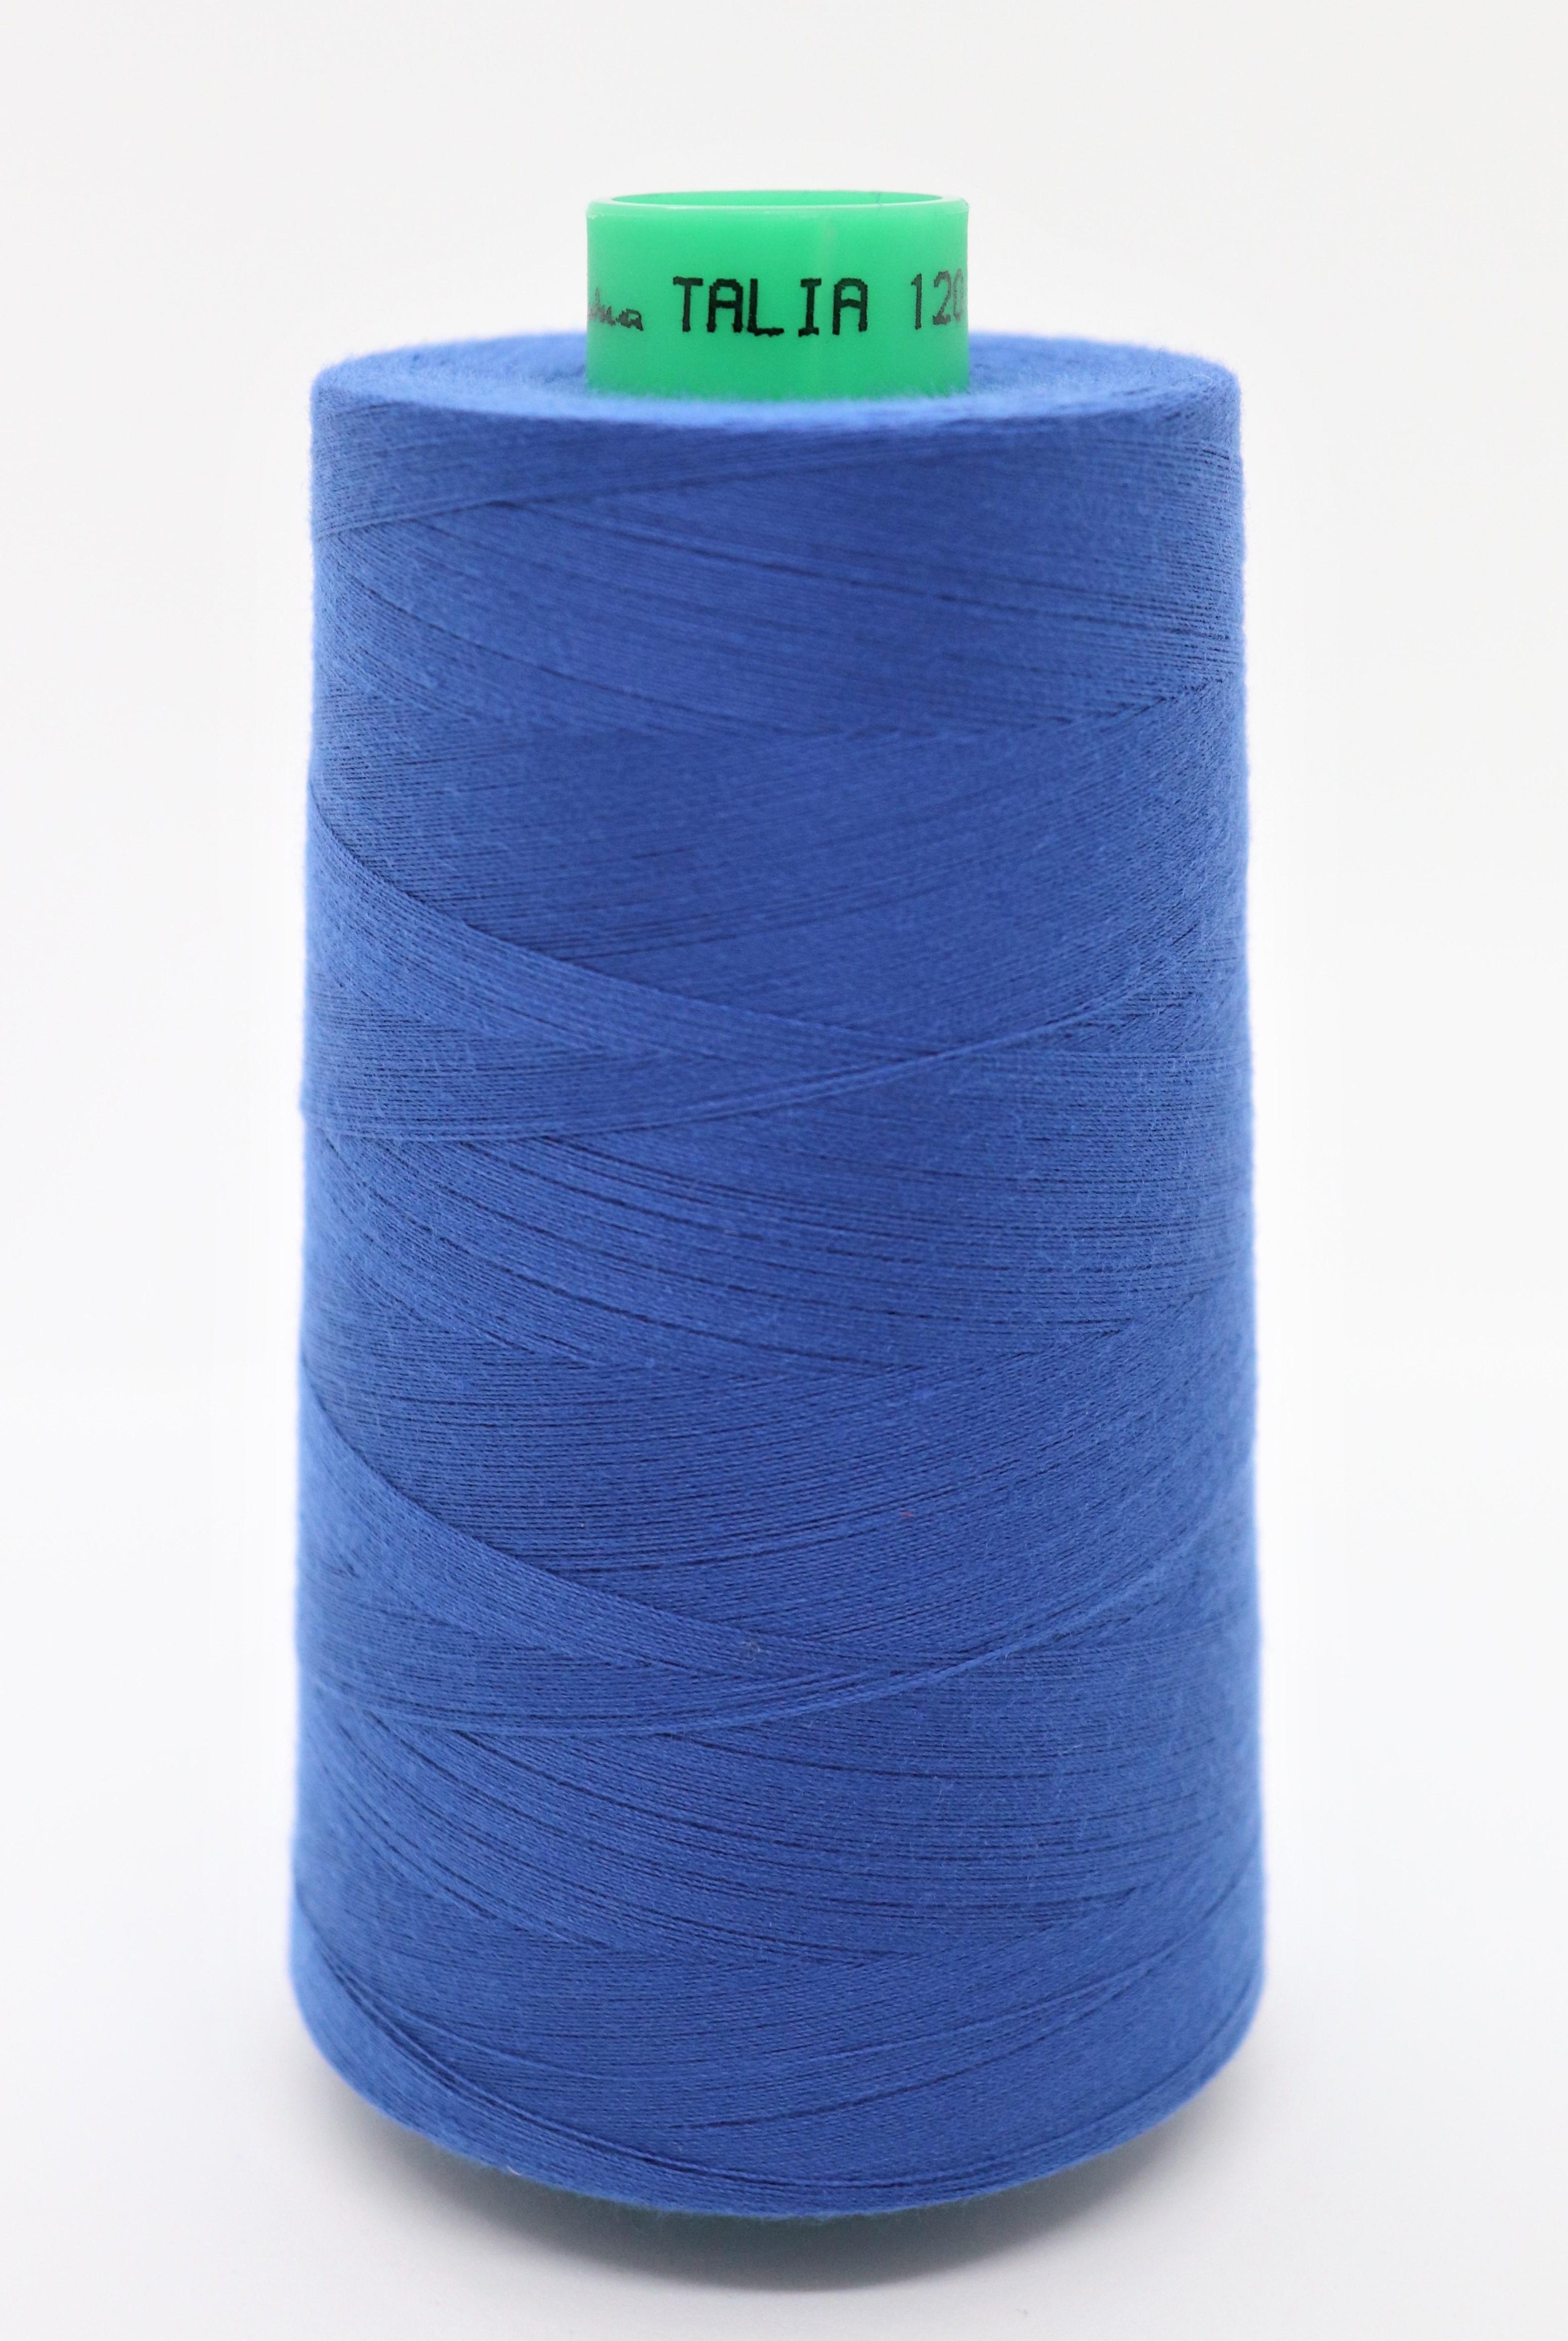 polyesterov� ni� Talia 120 - 5000m modr� barva 886 - zv�t�it obr�zek